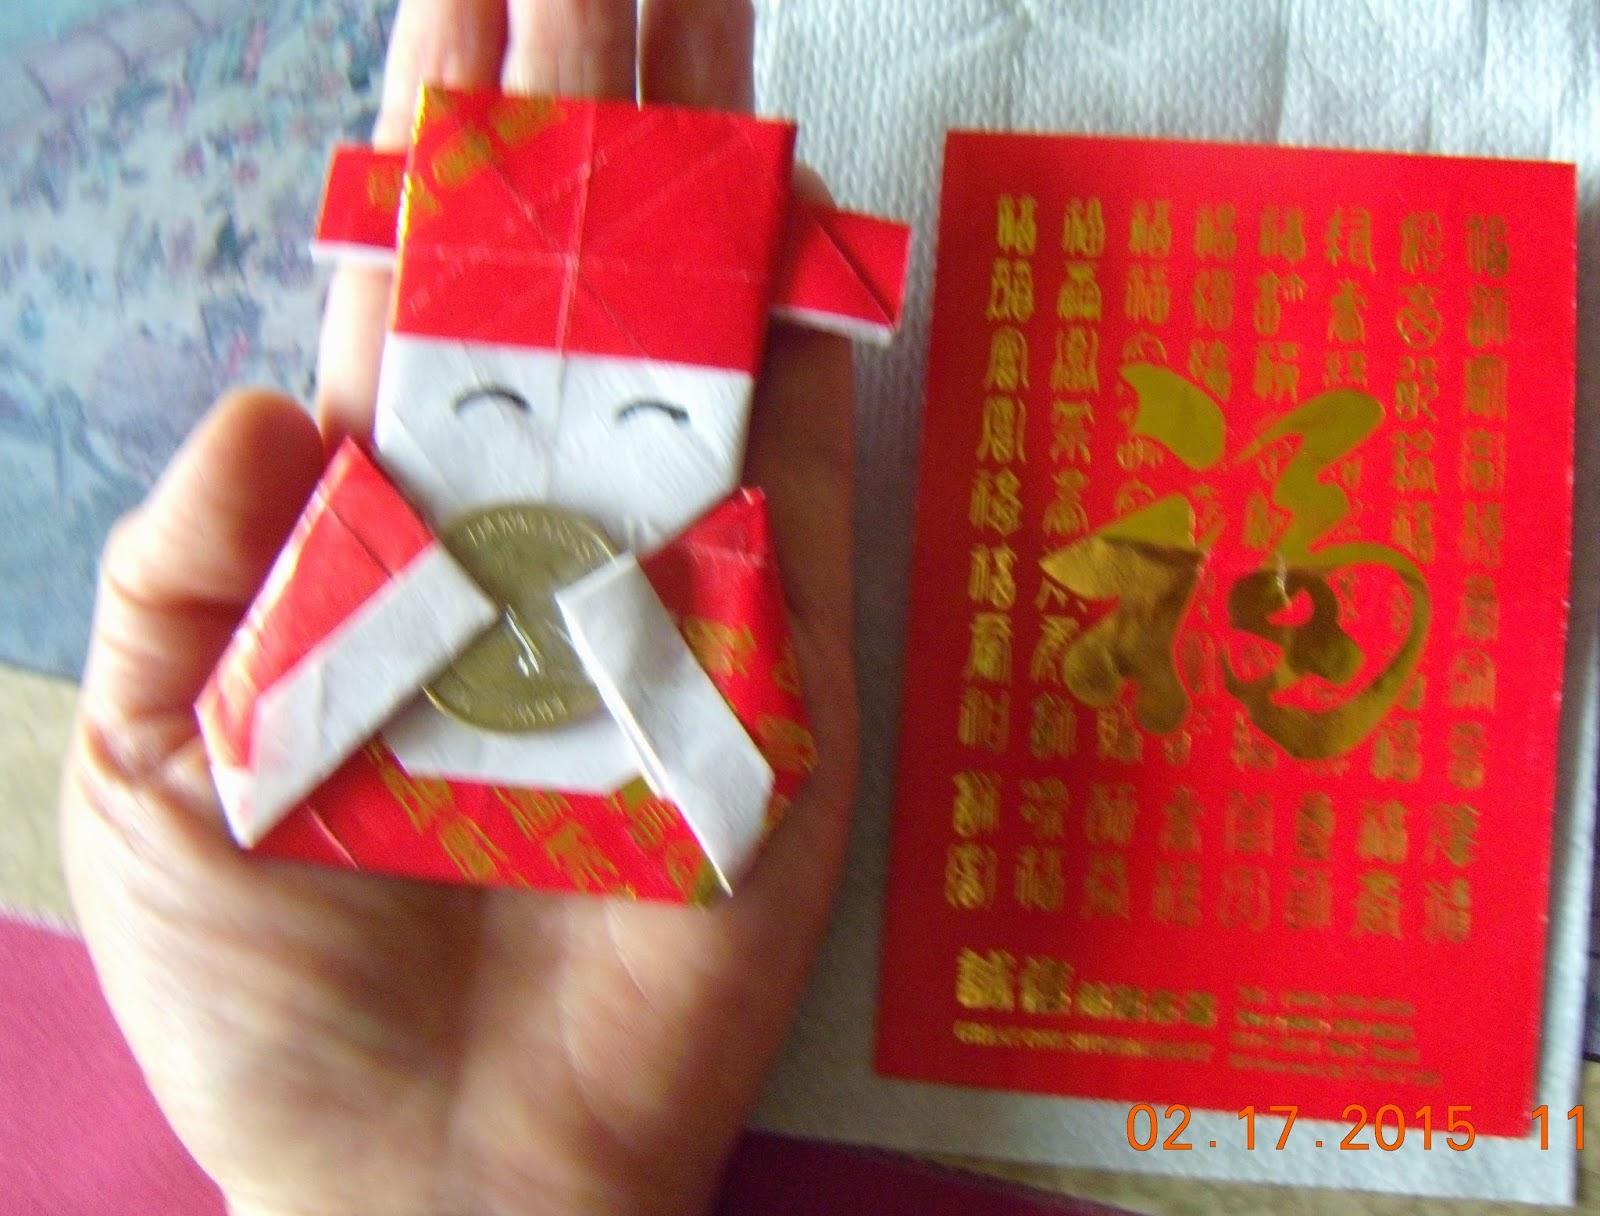 鳳英燕: 分享網路 : 可愛小財神爺 摺紙方法